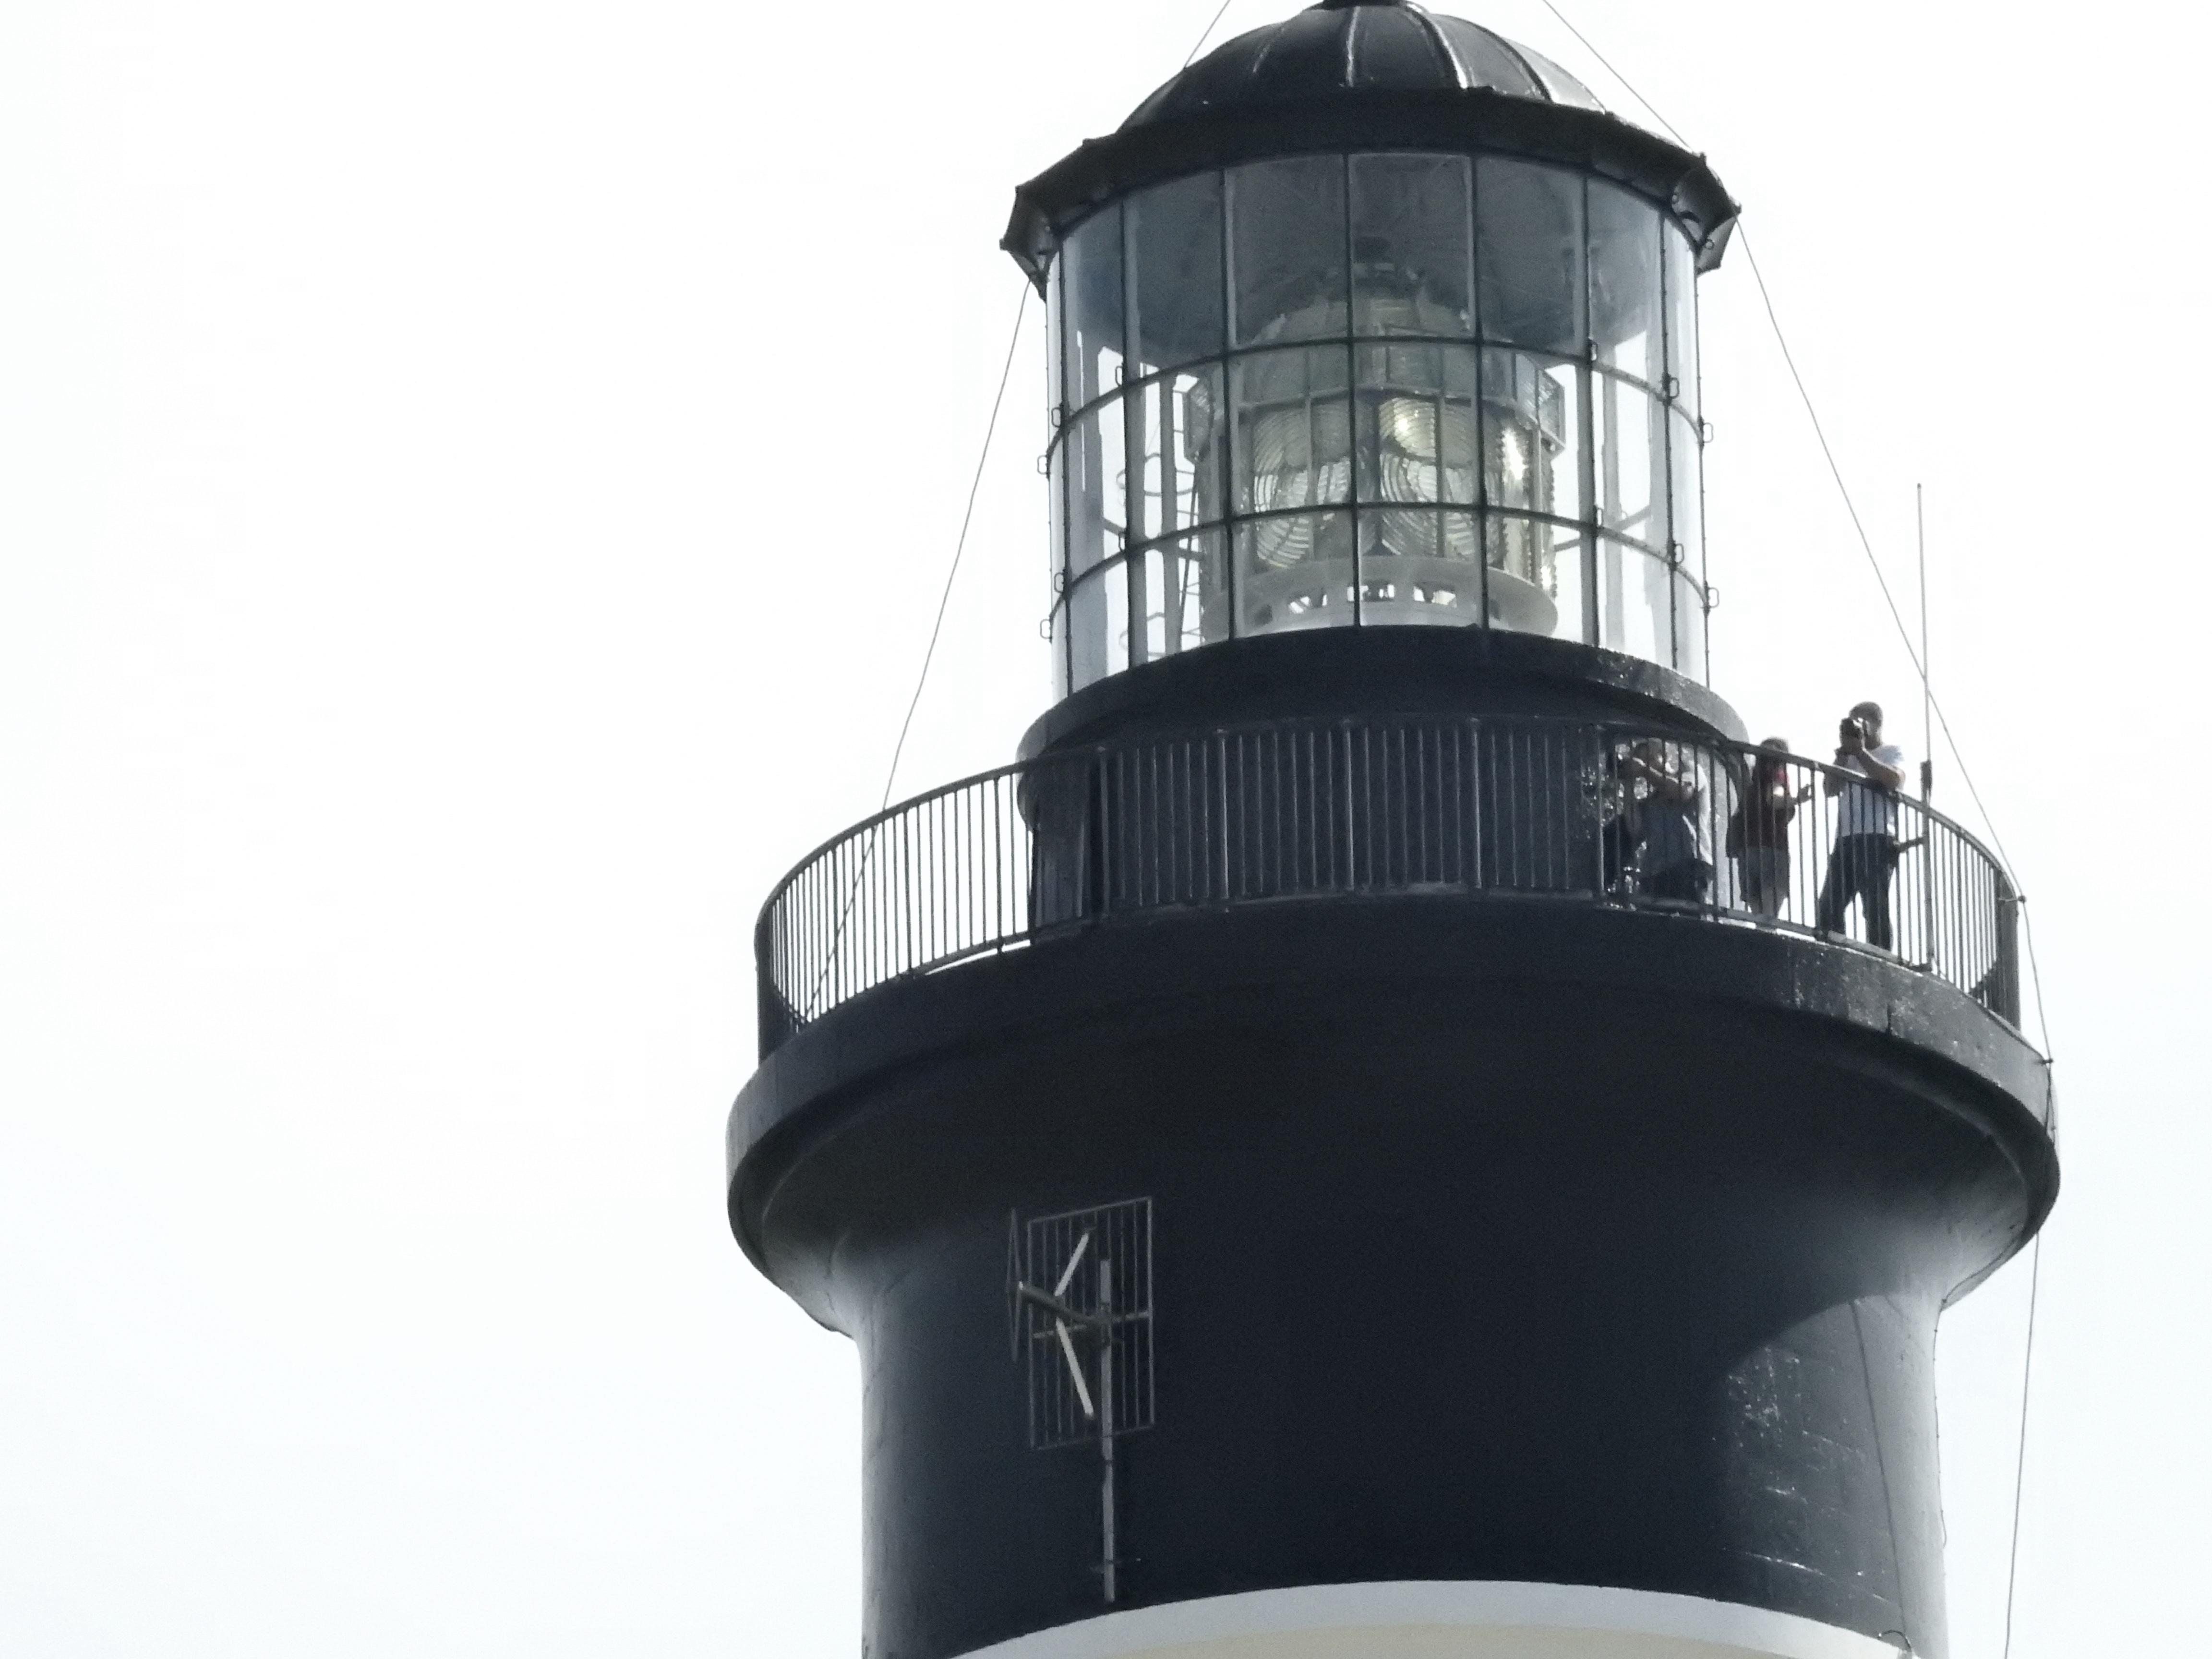 Maritime Beleuchtung kostenlose foto ozean leuchtturm turm beleuchtung navigation